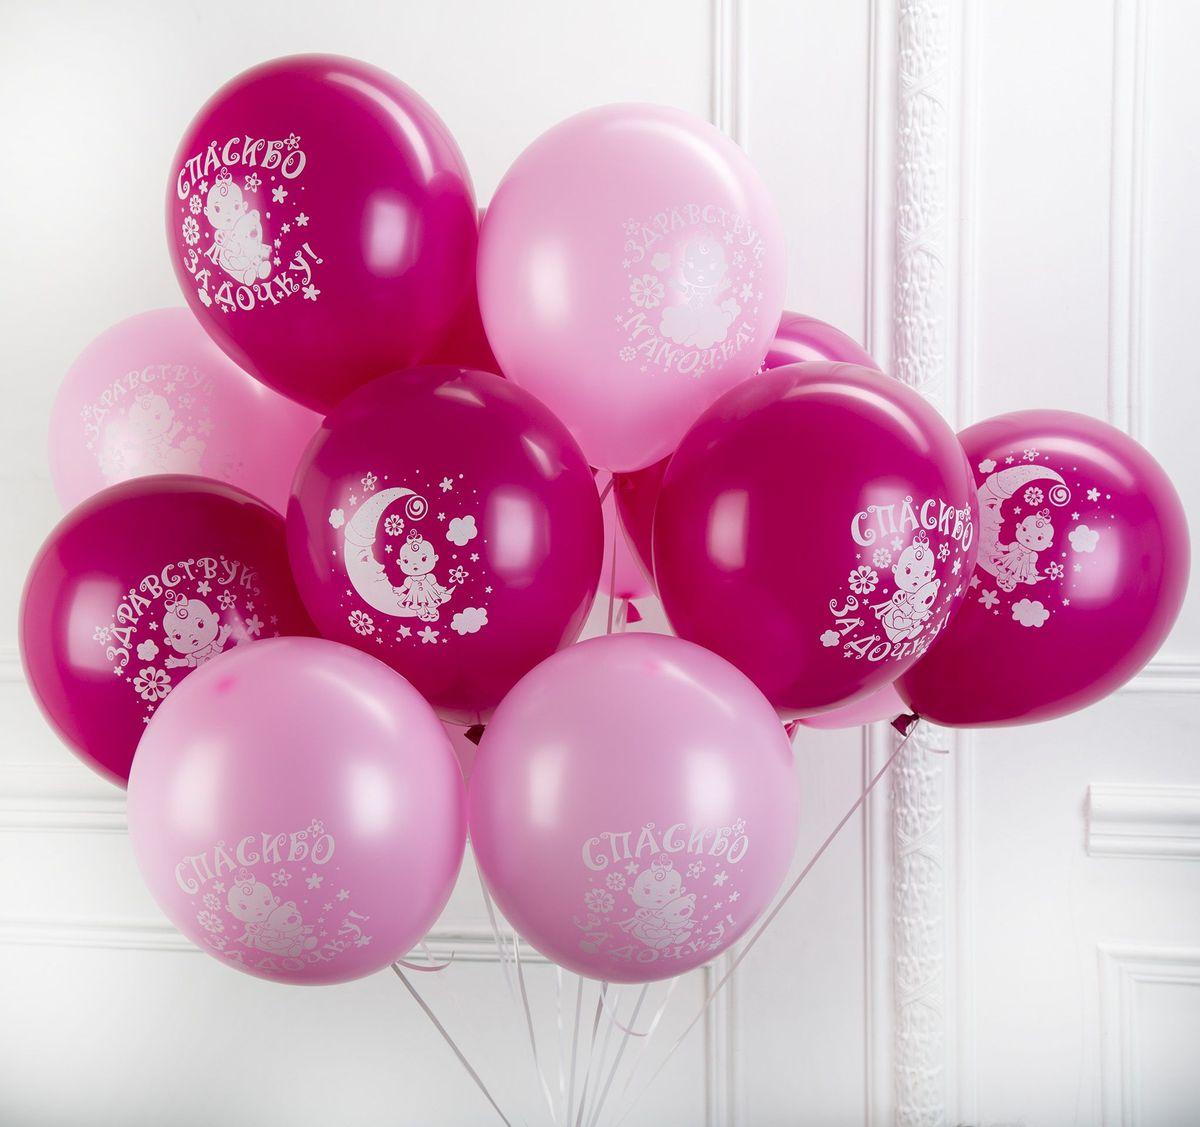 картинки с шариками воздушными и цветами концу смена